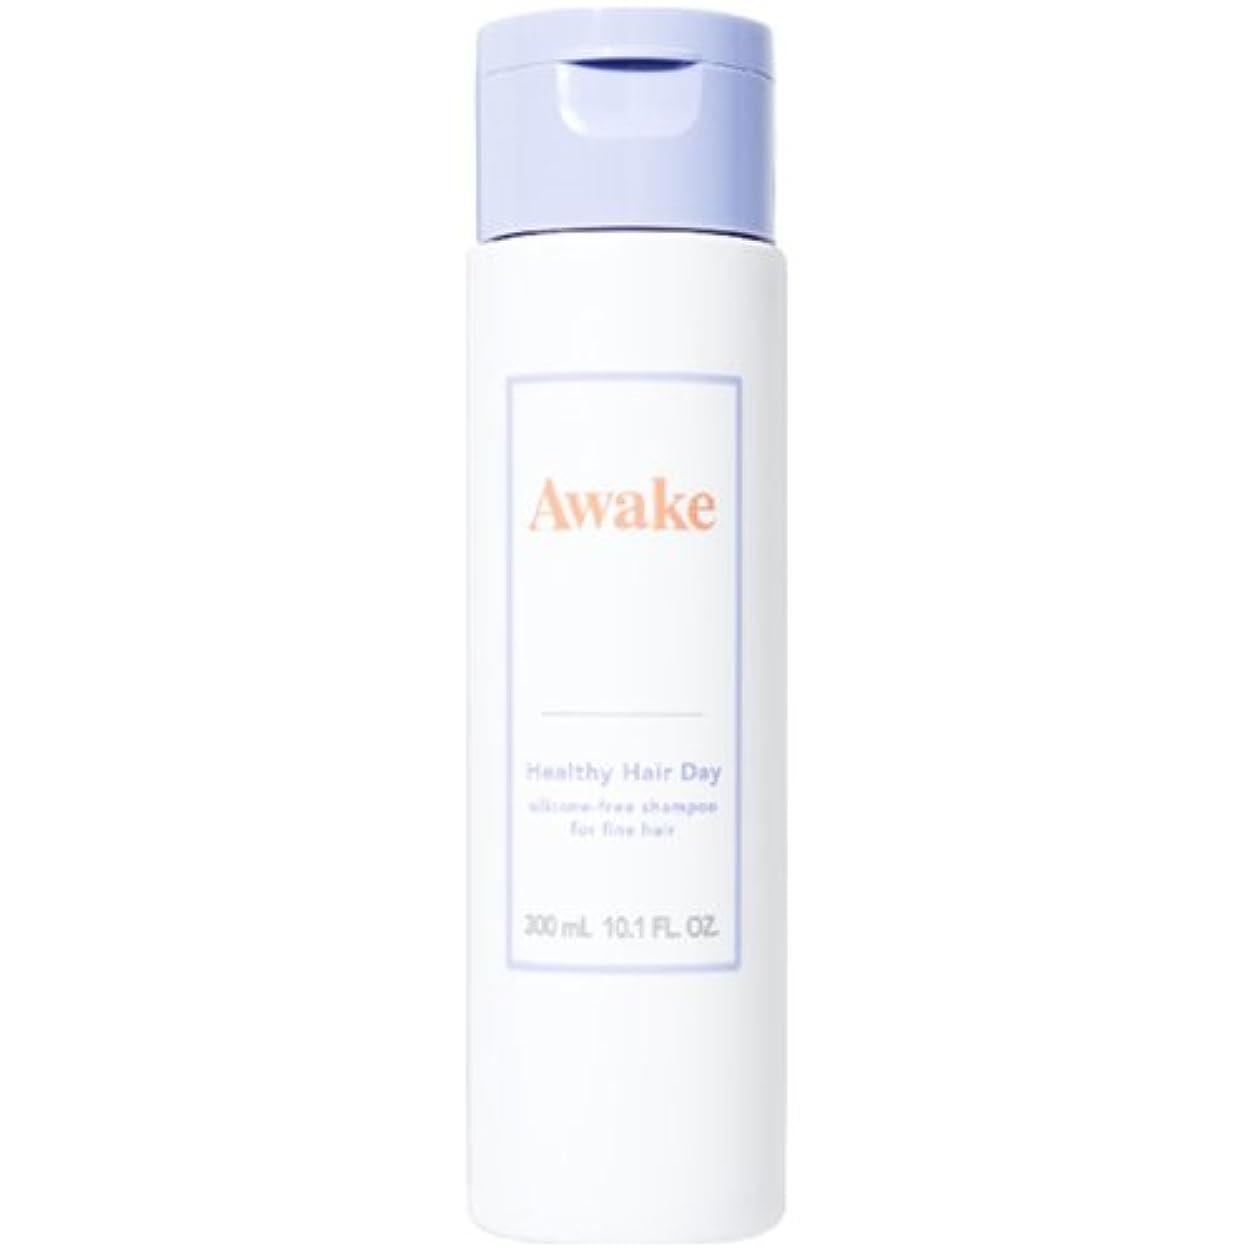 慣れるライター断言するアウェイク(AWAKE) Awake(アウェイク) ヘルシーヘアデイ シリコーンフリー ヘアシャンプー ハリコシアップヘア用 (300mL)